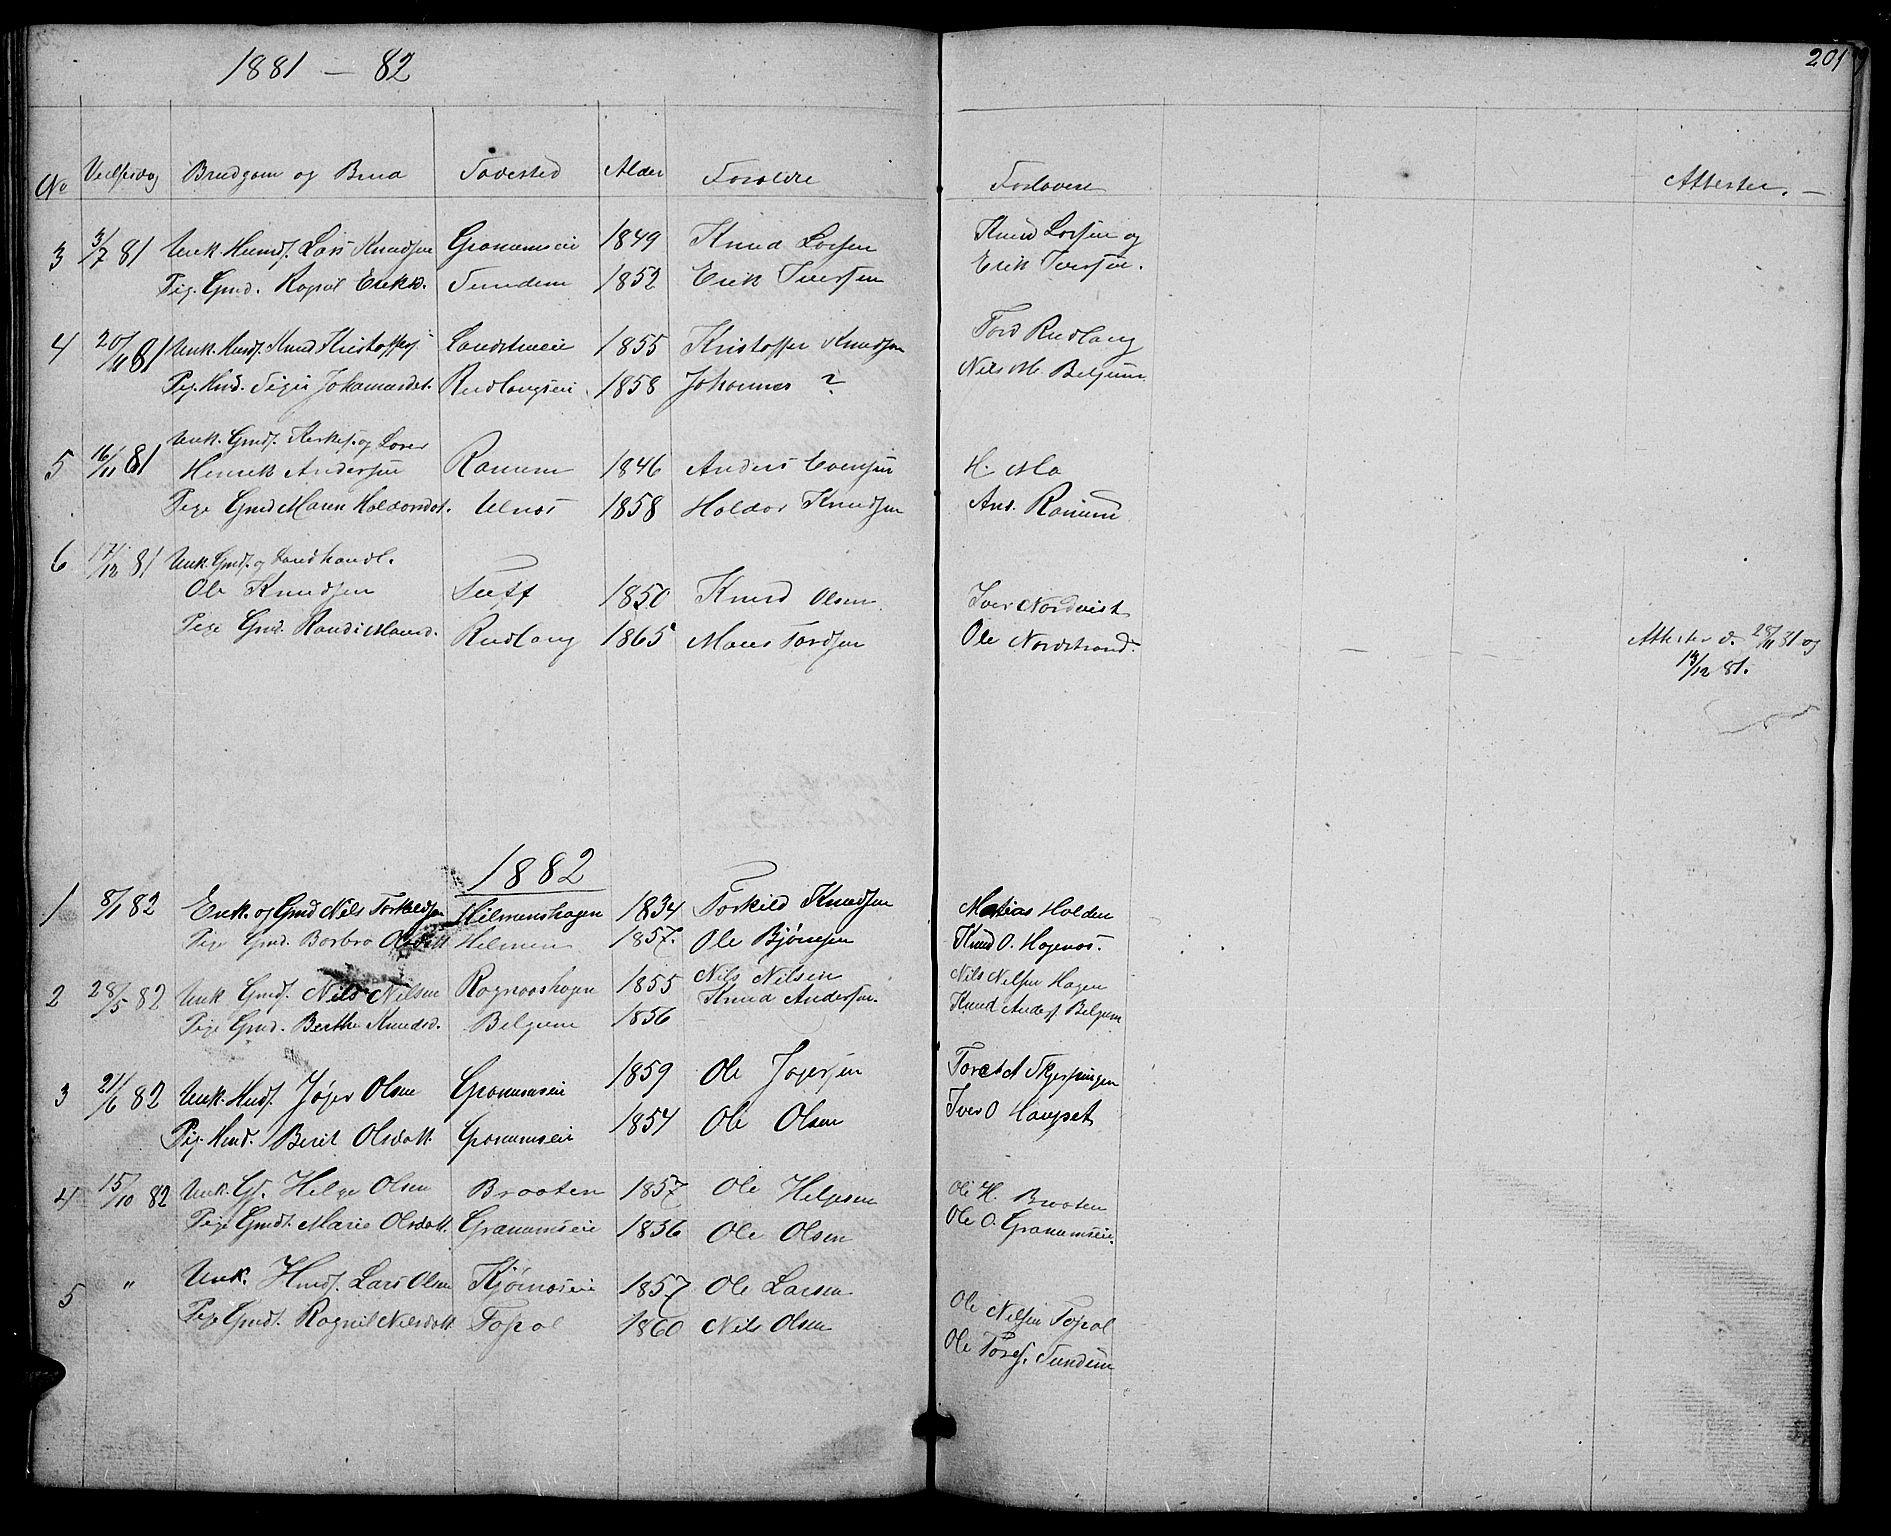 SAH, Nord-Aurdal prestekontor, Klokkerbok nr. 4, 1842-1882, s. 201